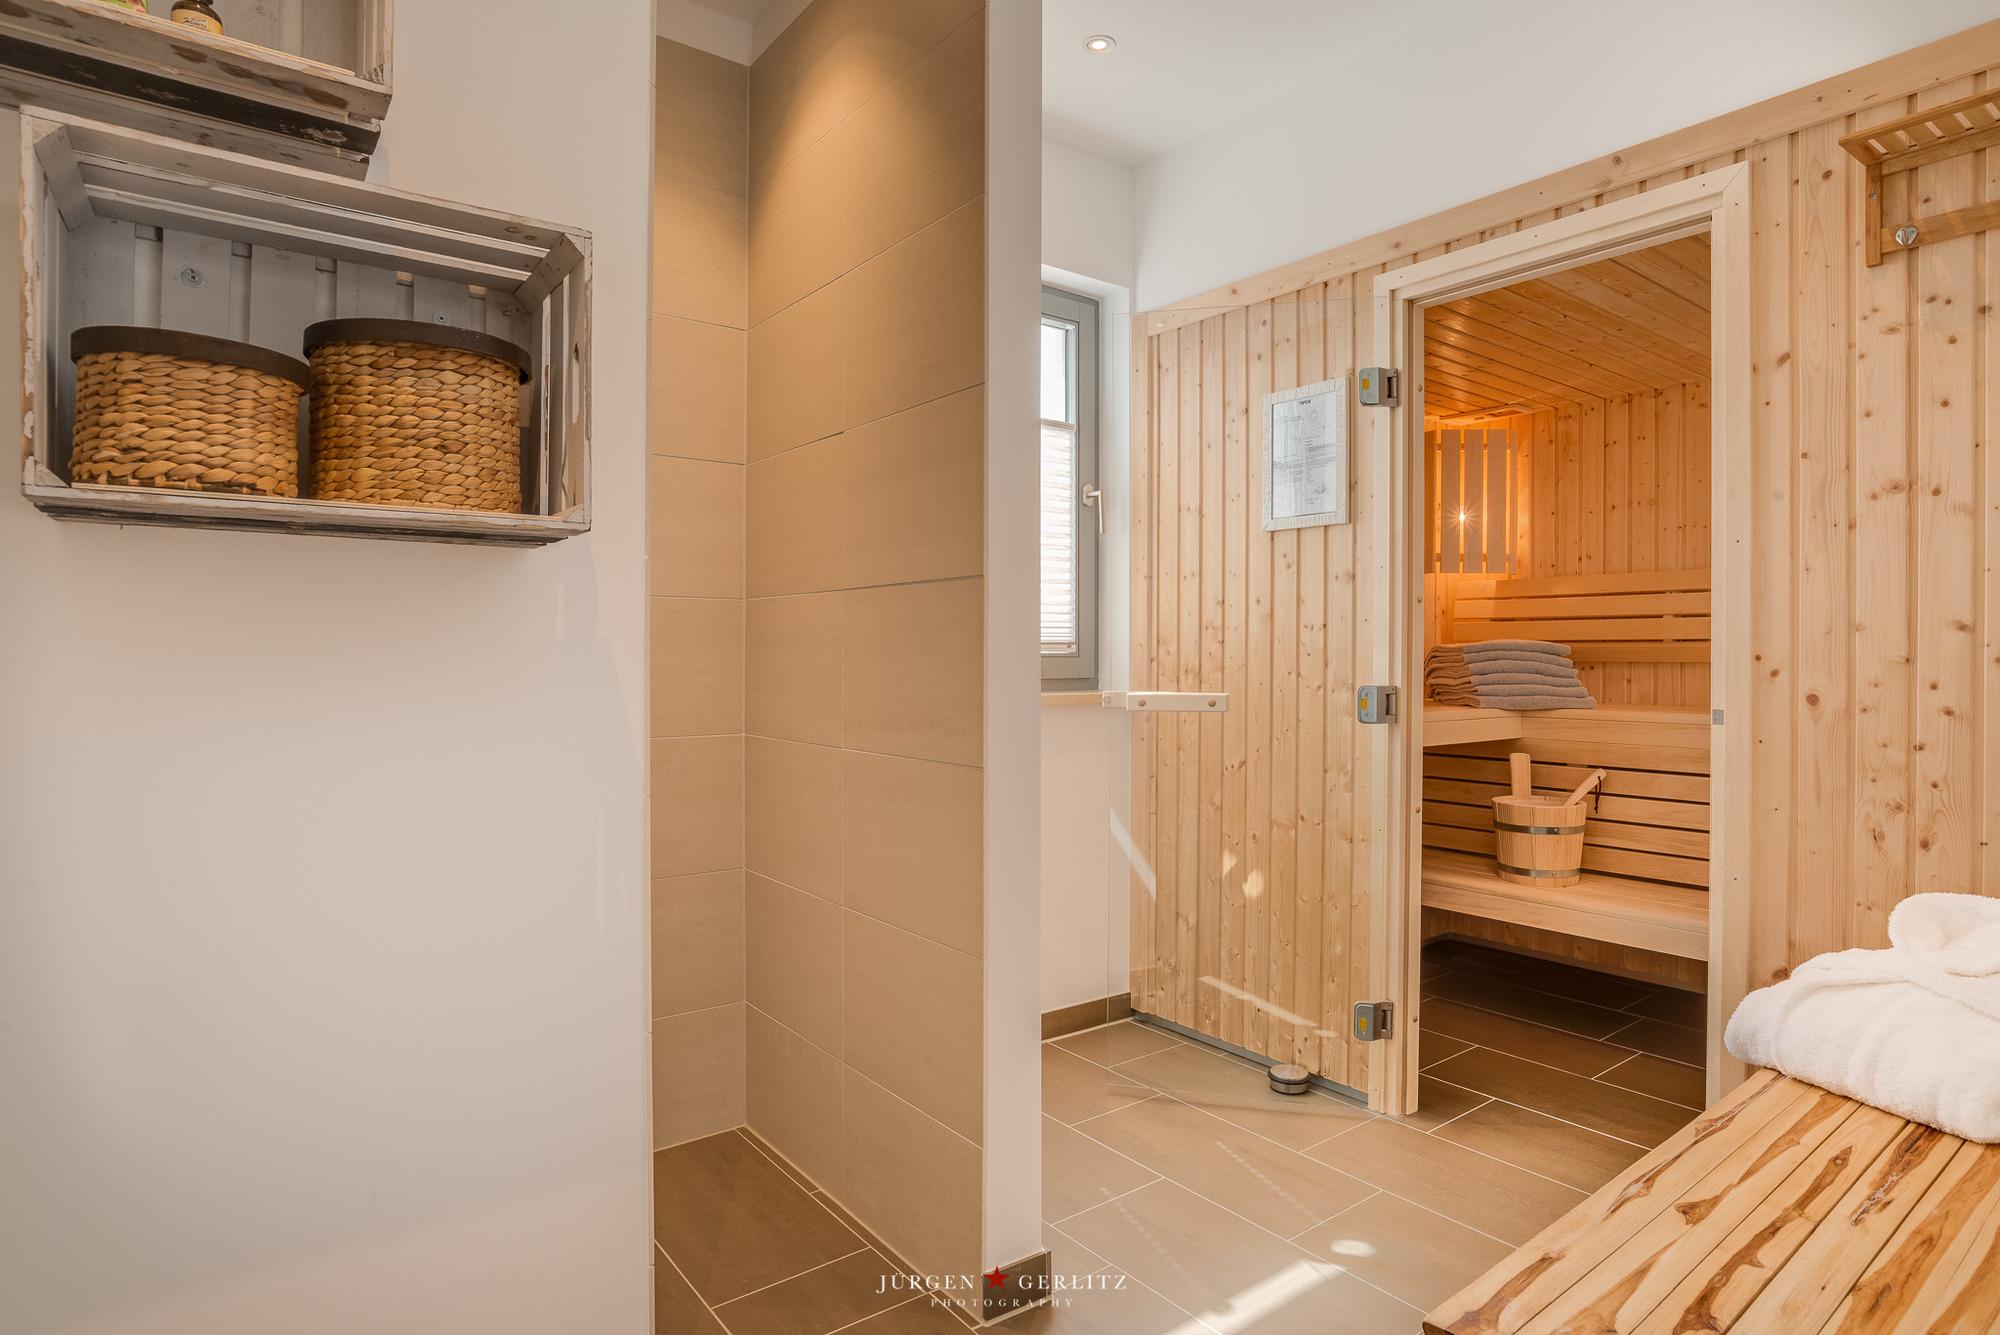 Uwis Etagenbett : Wohnwagen etagenbett bauen bauwagen gartenwagen in